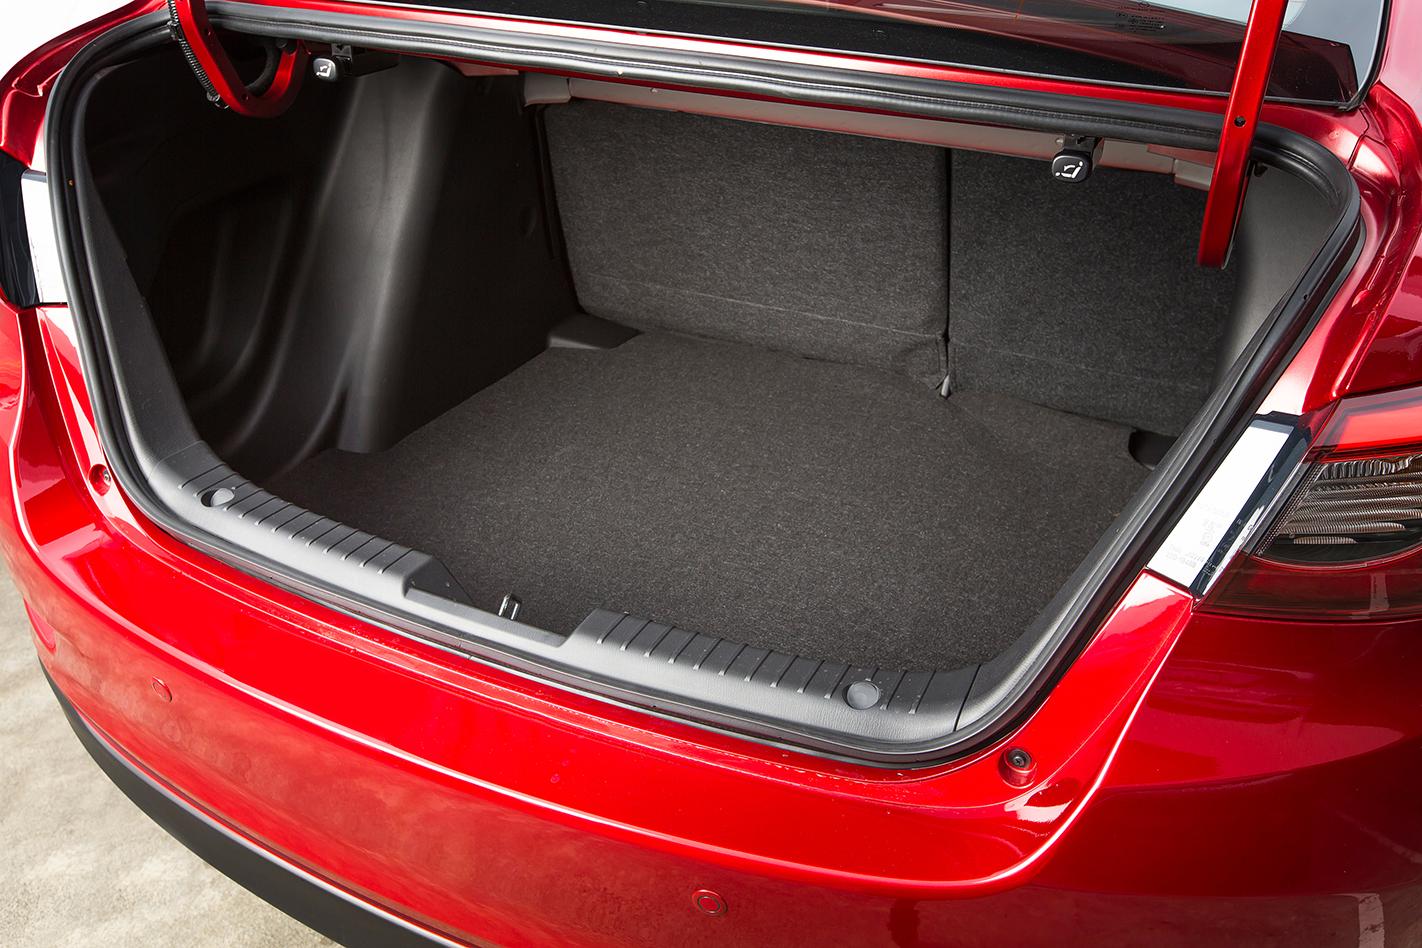 2015 Mazda Mazda2 Sedan review